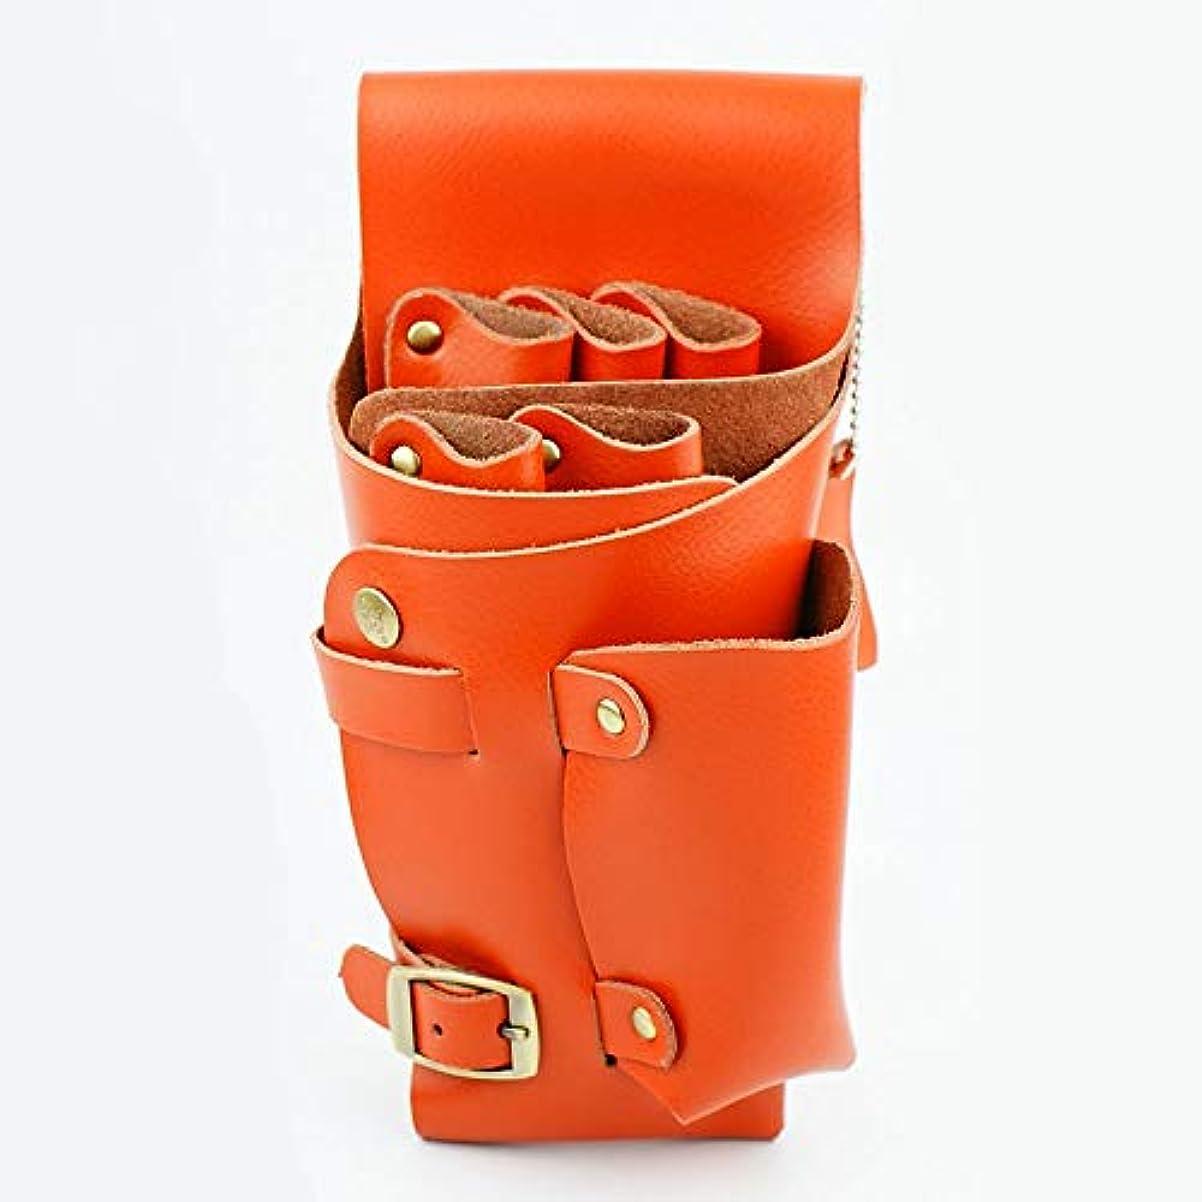 ボス郊外乱すYWAWJ ショルダーベルト髪シザーホルスター理髪バッグポーチ付きヘアスタイリストホルスターポーチレザー理容髪シザーくしホルスターウエスト (Color : Orange)